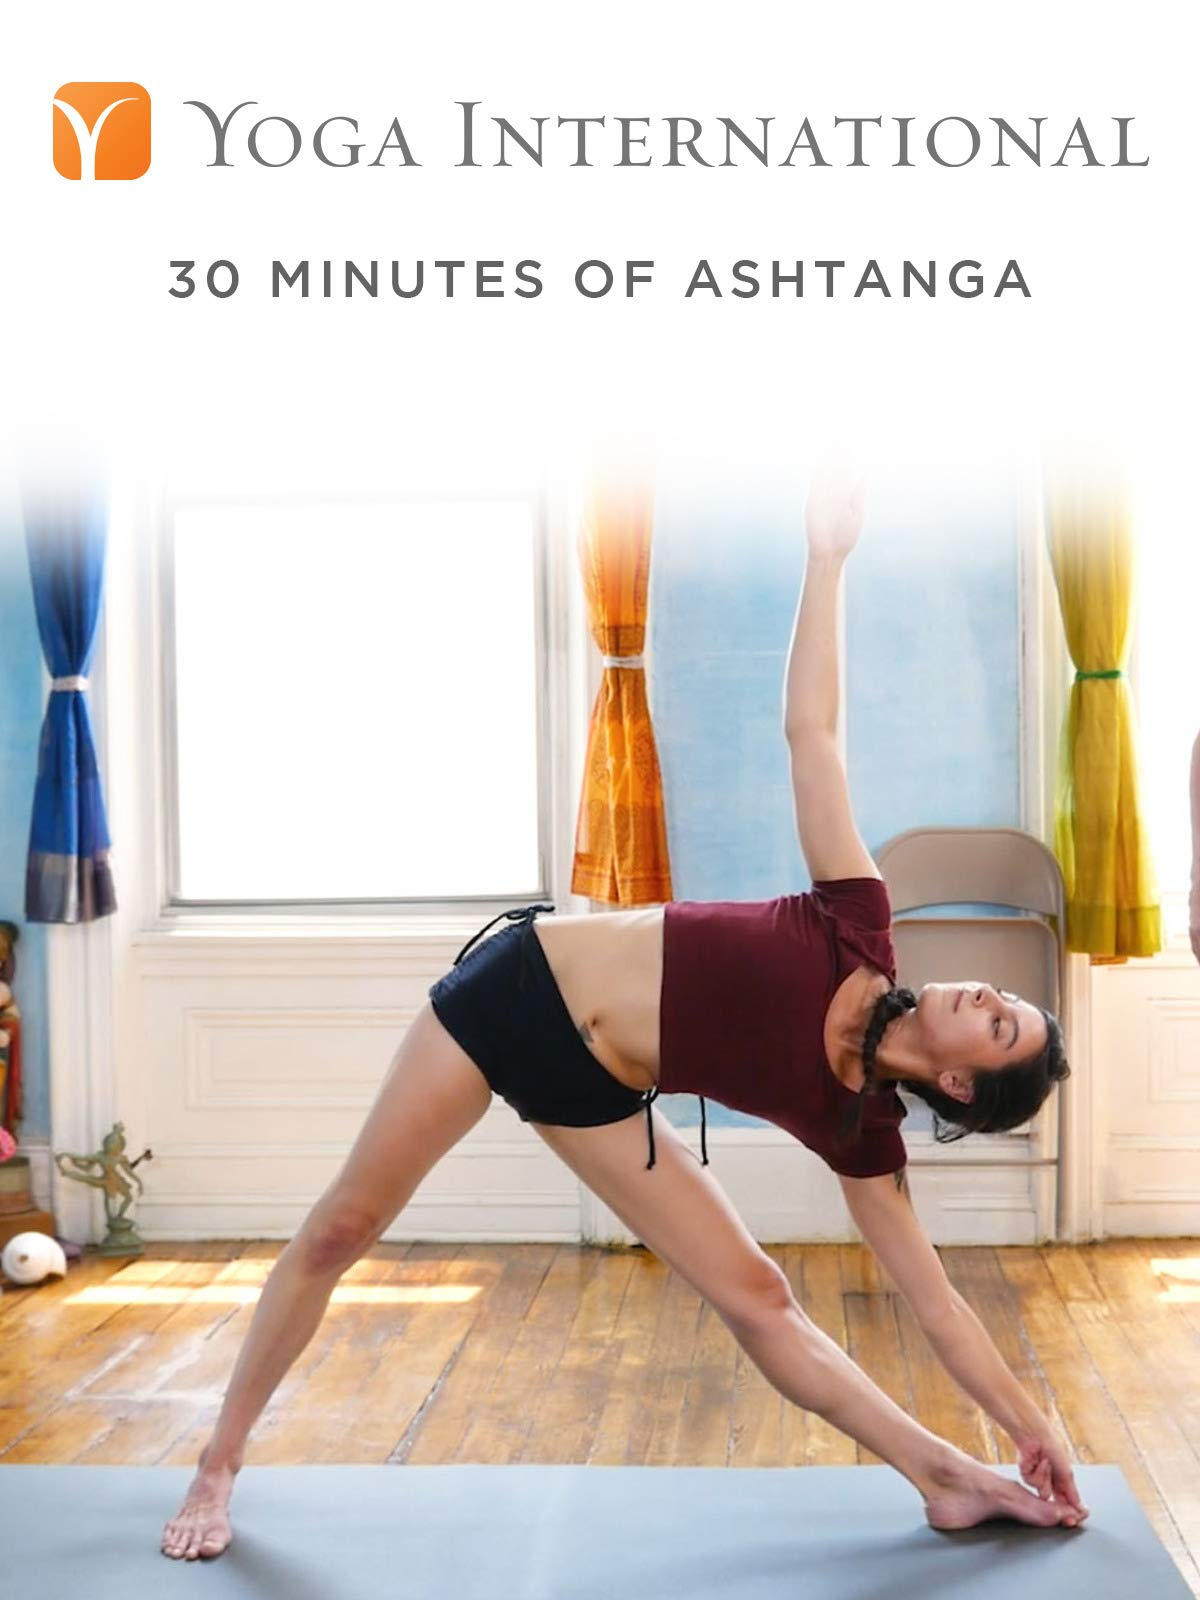 30 Minutes of Ashtanga